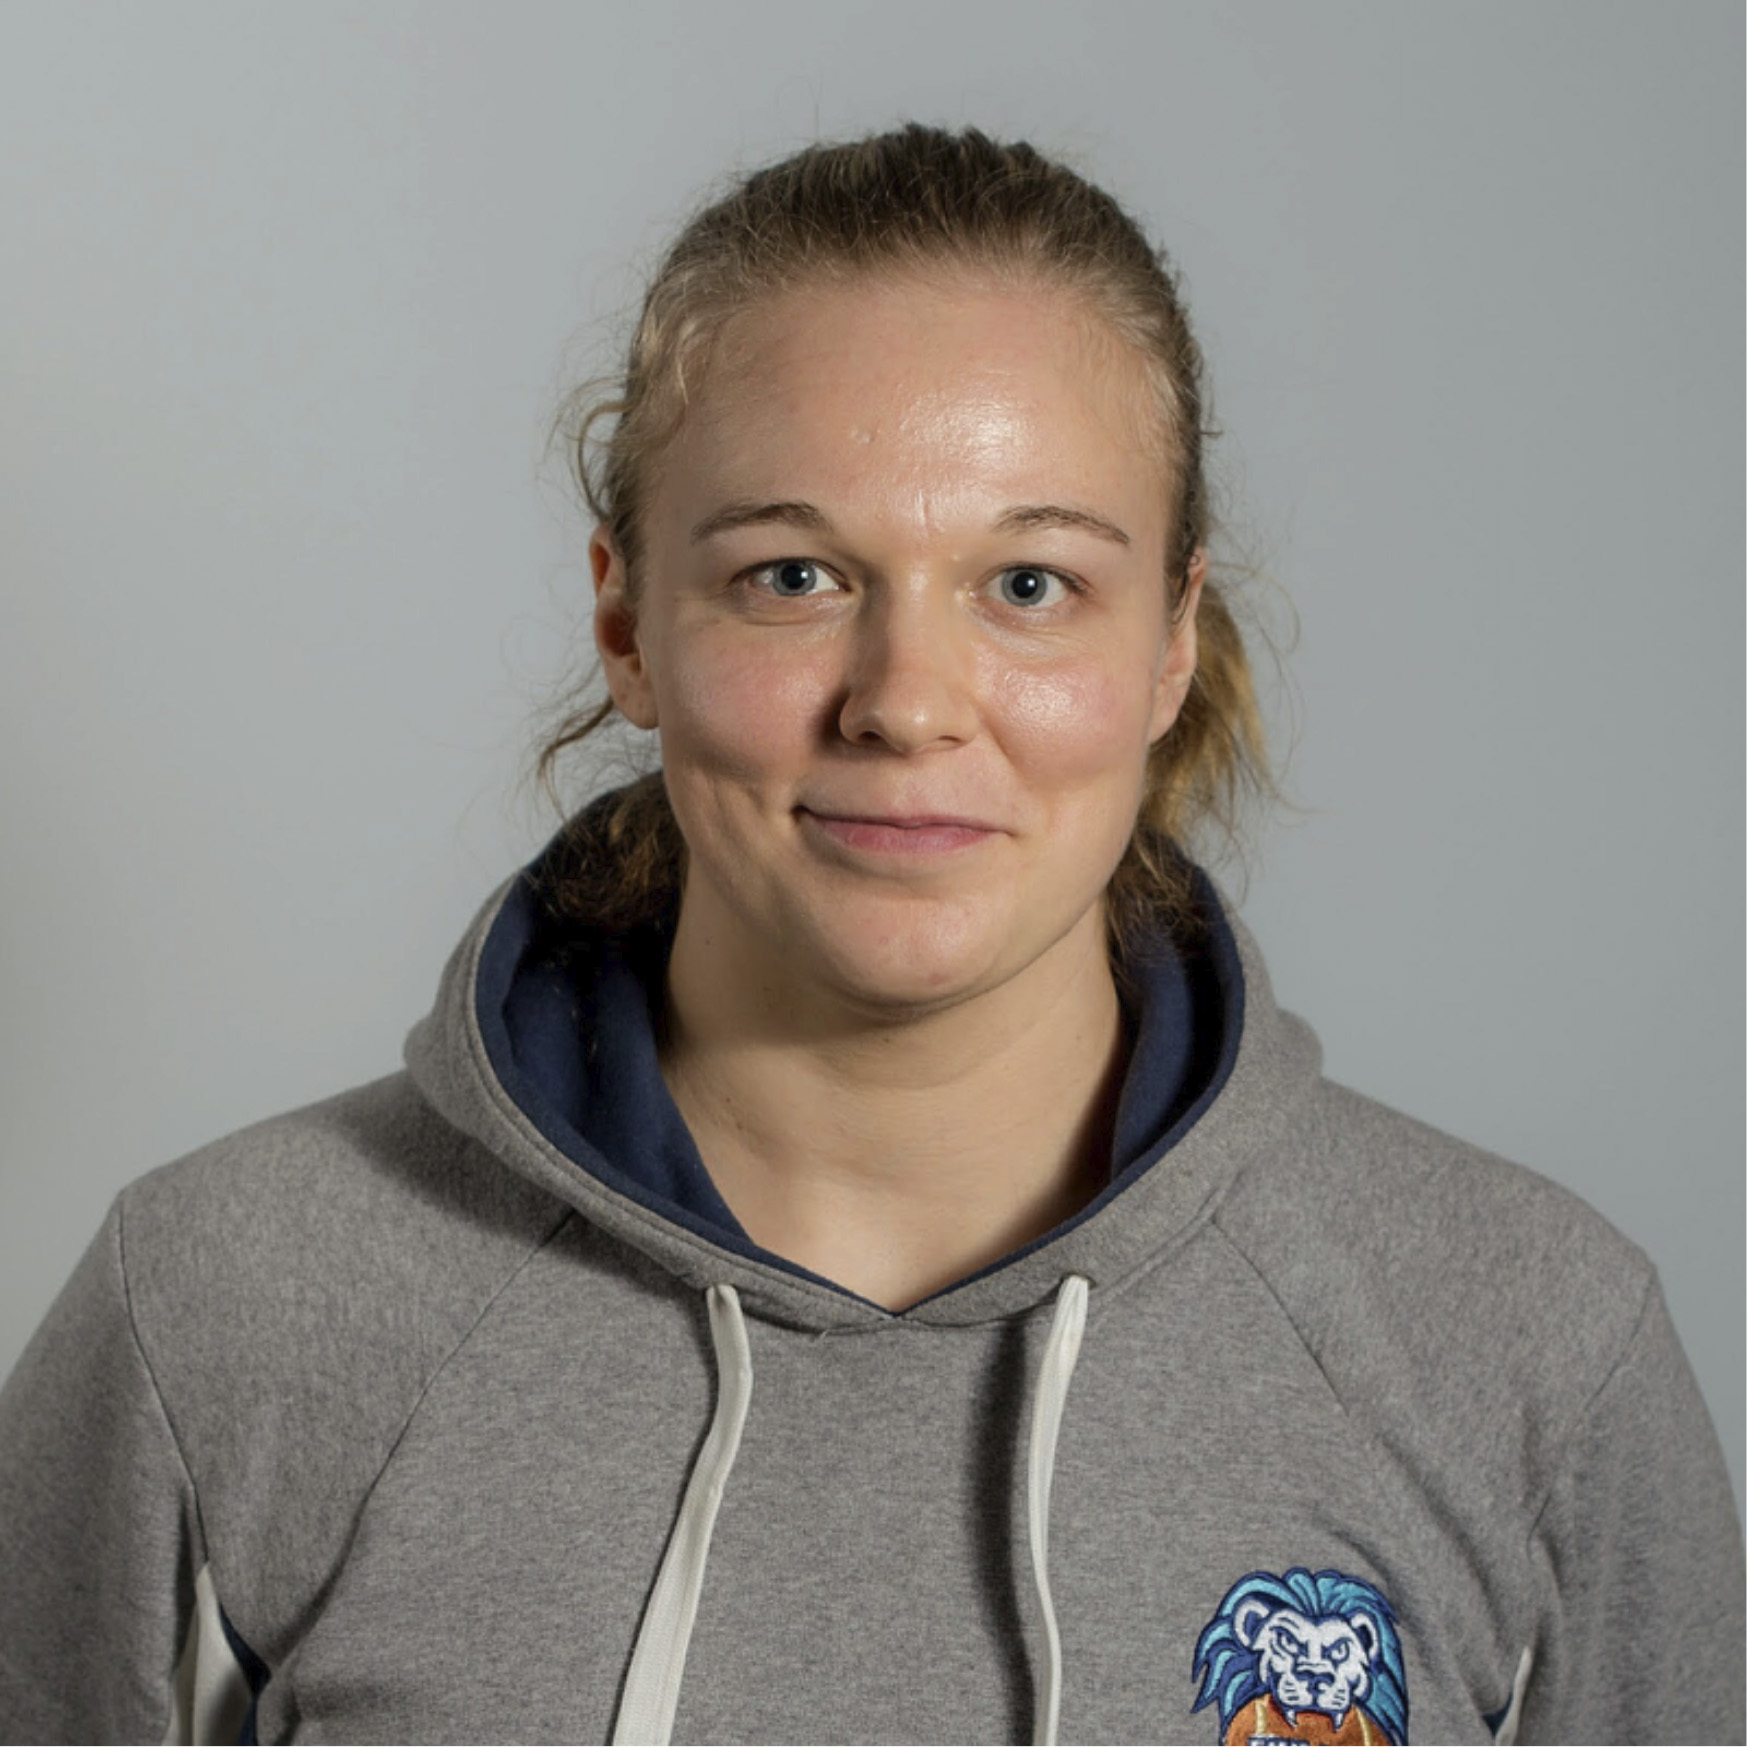 Fysioterapeutti Anne Rasilahti, Terapiakeskus Onni